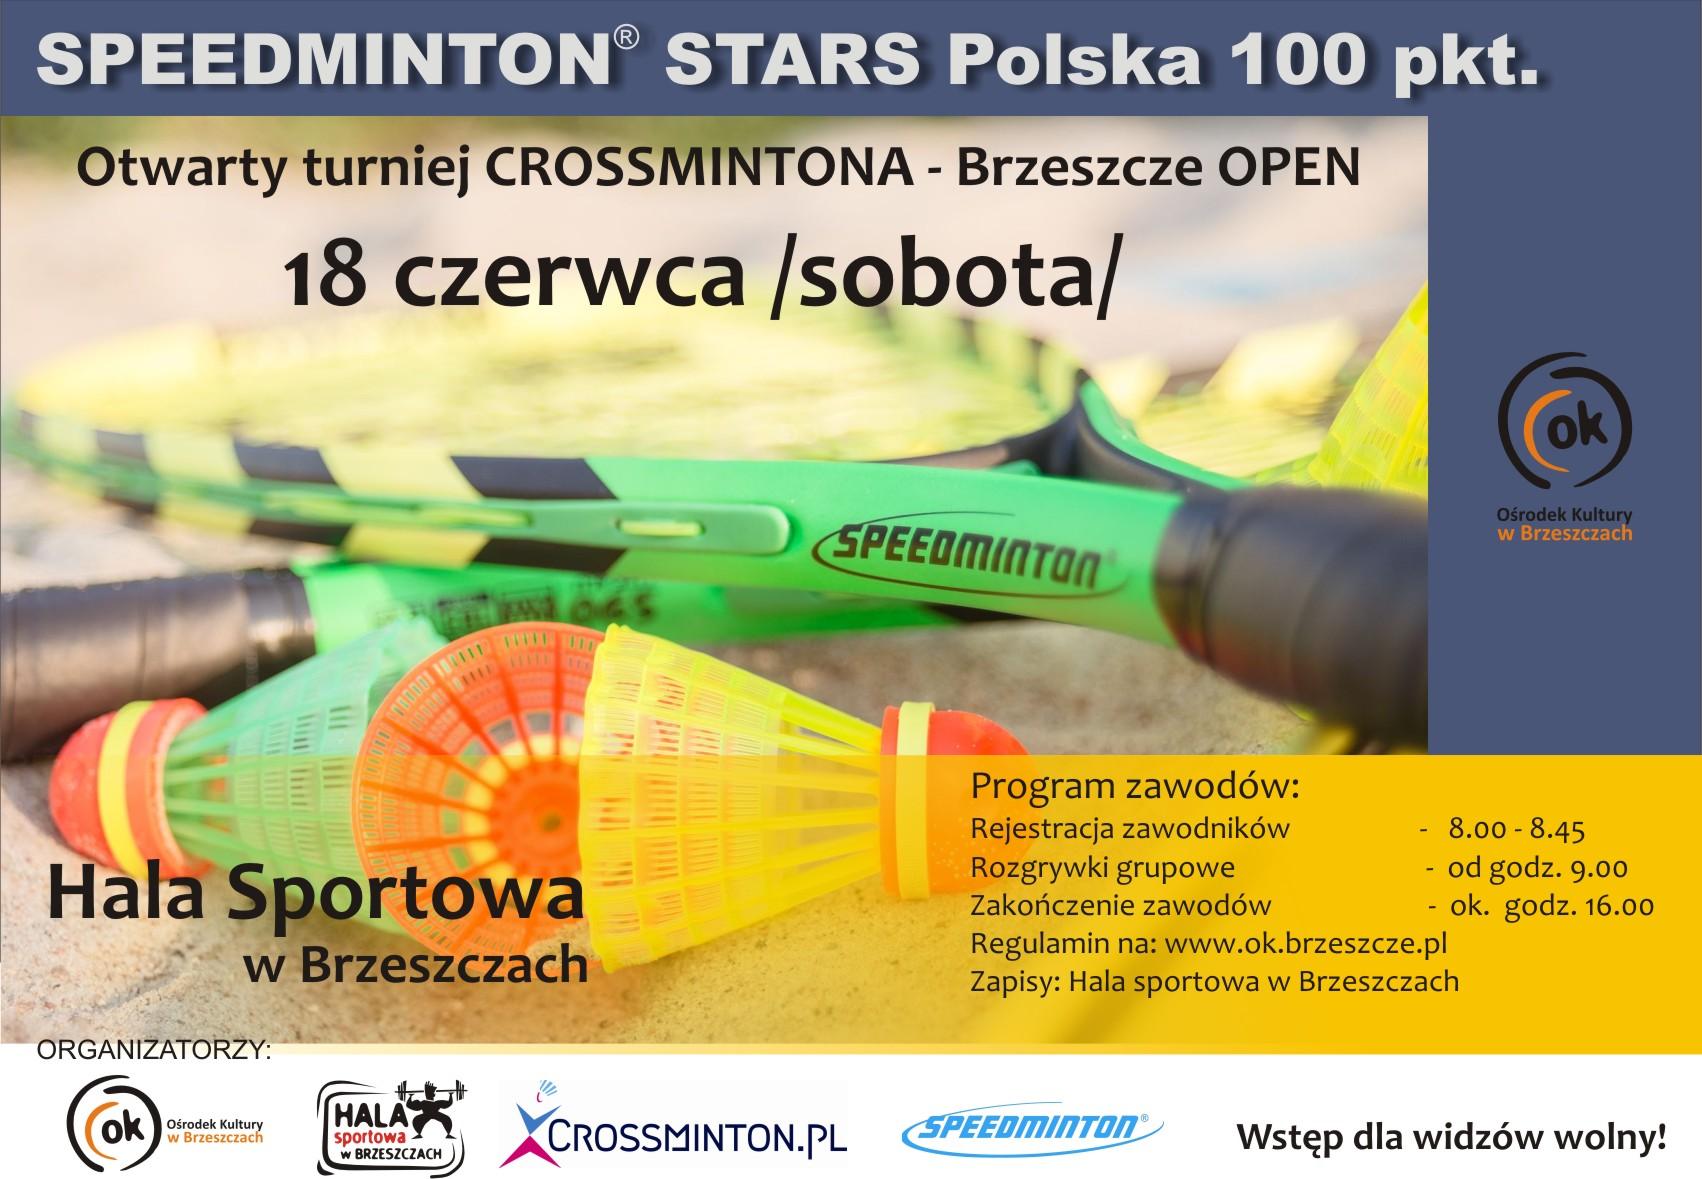 plakat Crossminton Brzeszcze open 18 czerwca